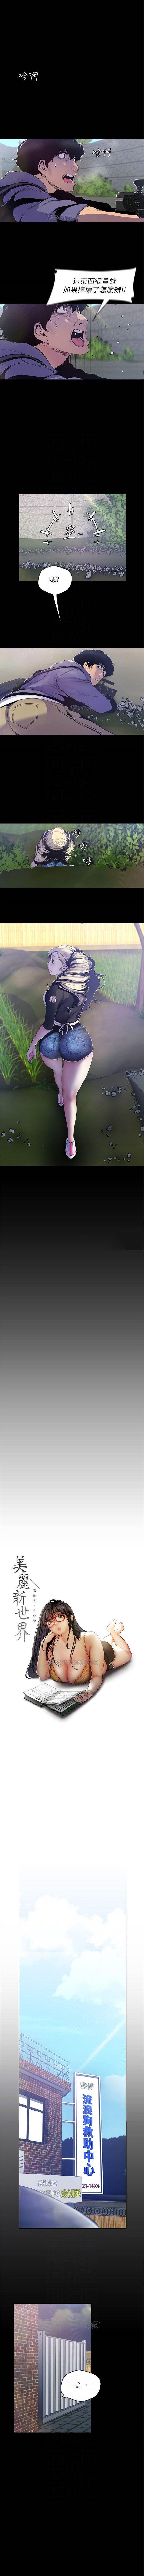 (周6)美丽新世界 1-61 中文翻译 (更新中) 487